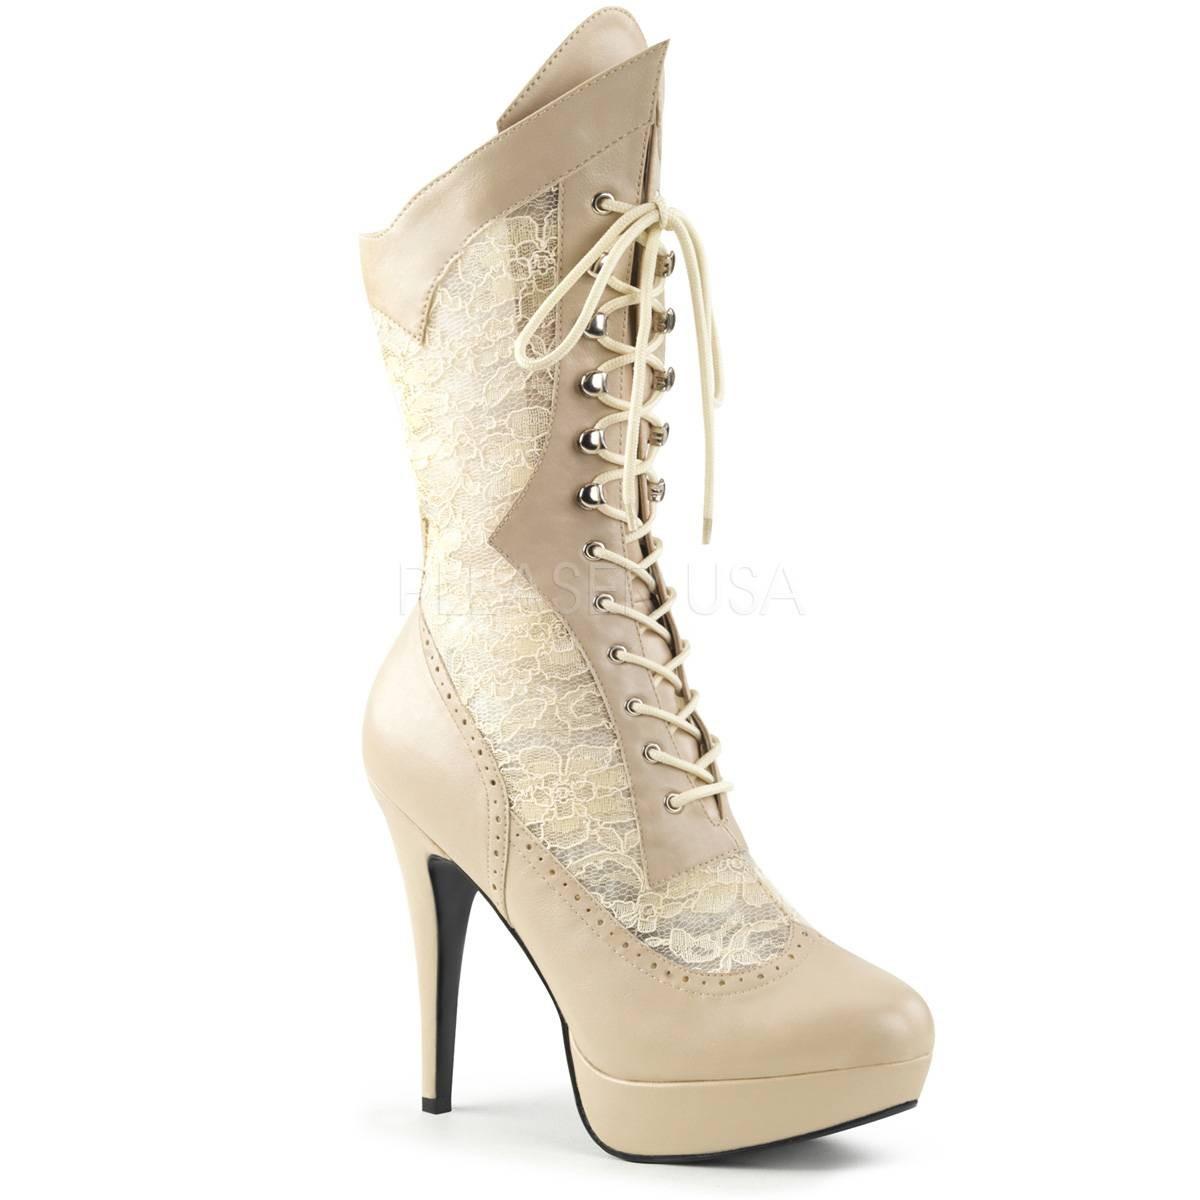 Stiefel - CHLOE 115 ° Damen Stiefel ° BeigeMatt ° Pleaser Pink Label  - Onlineshop RedSixty